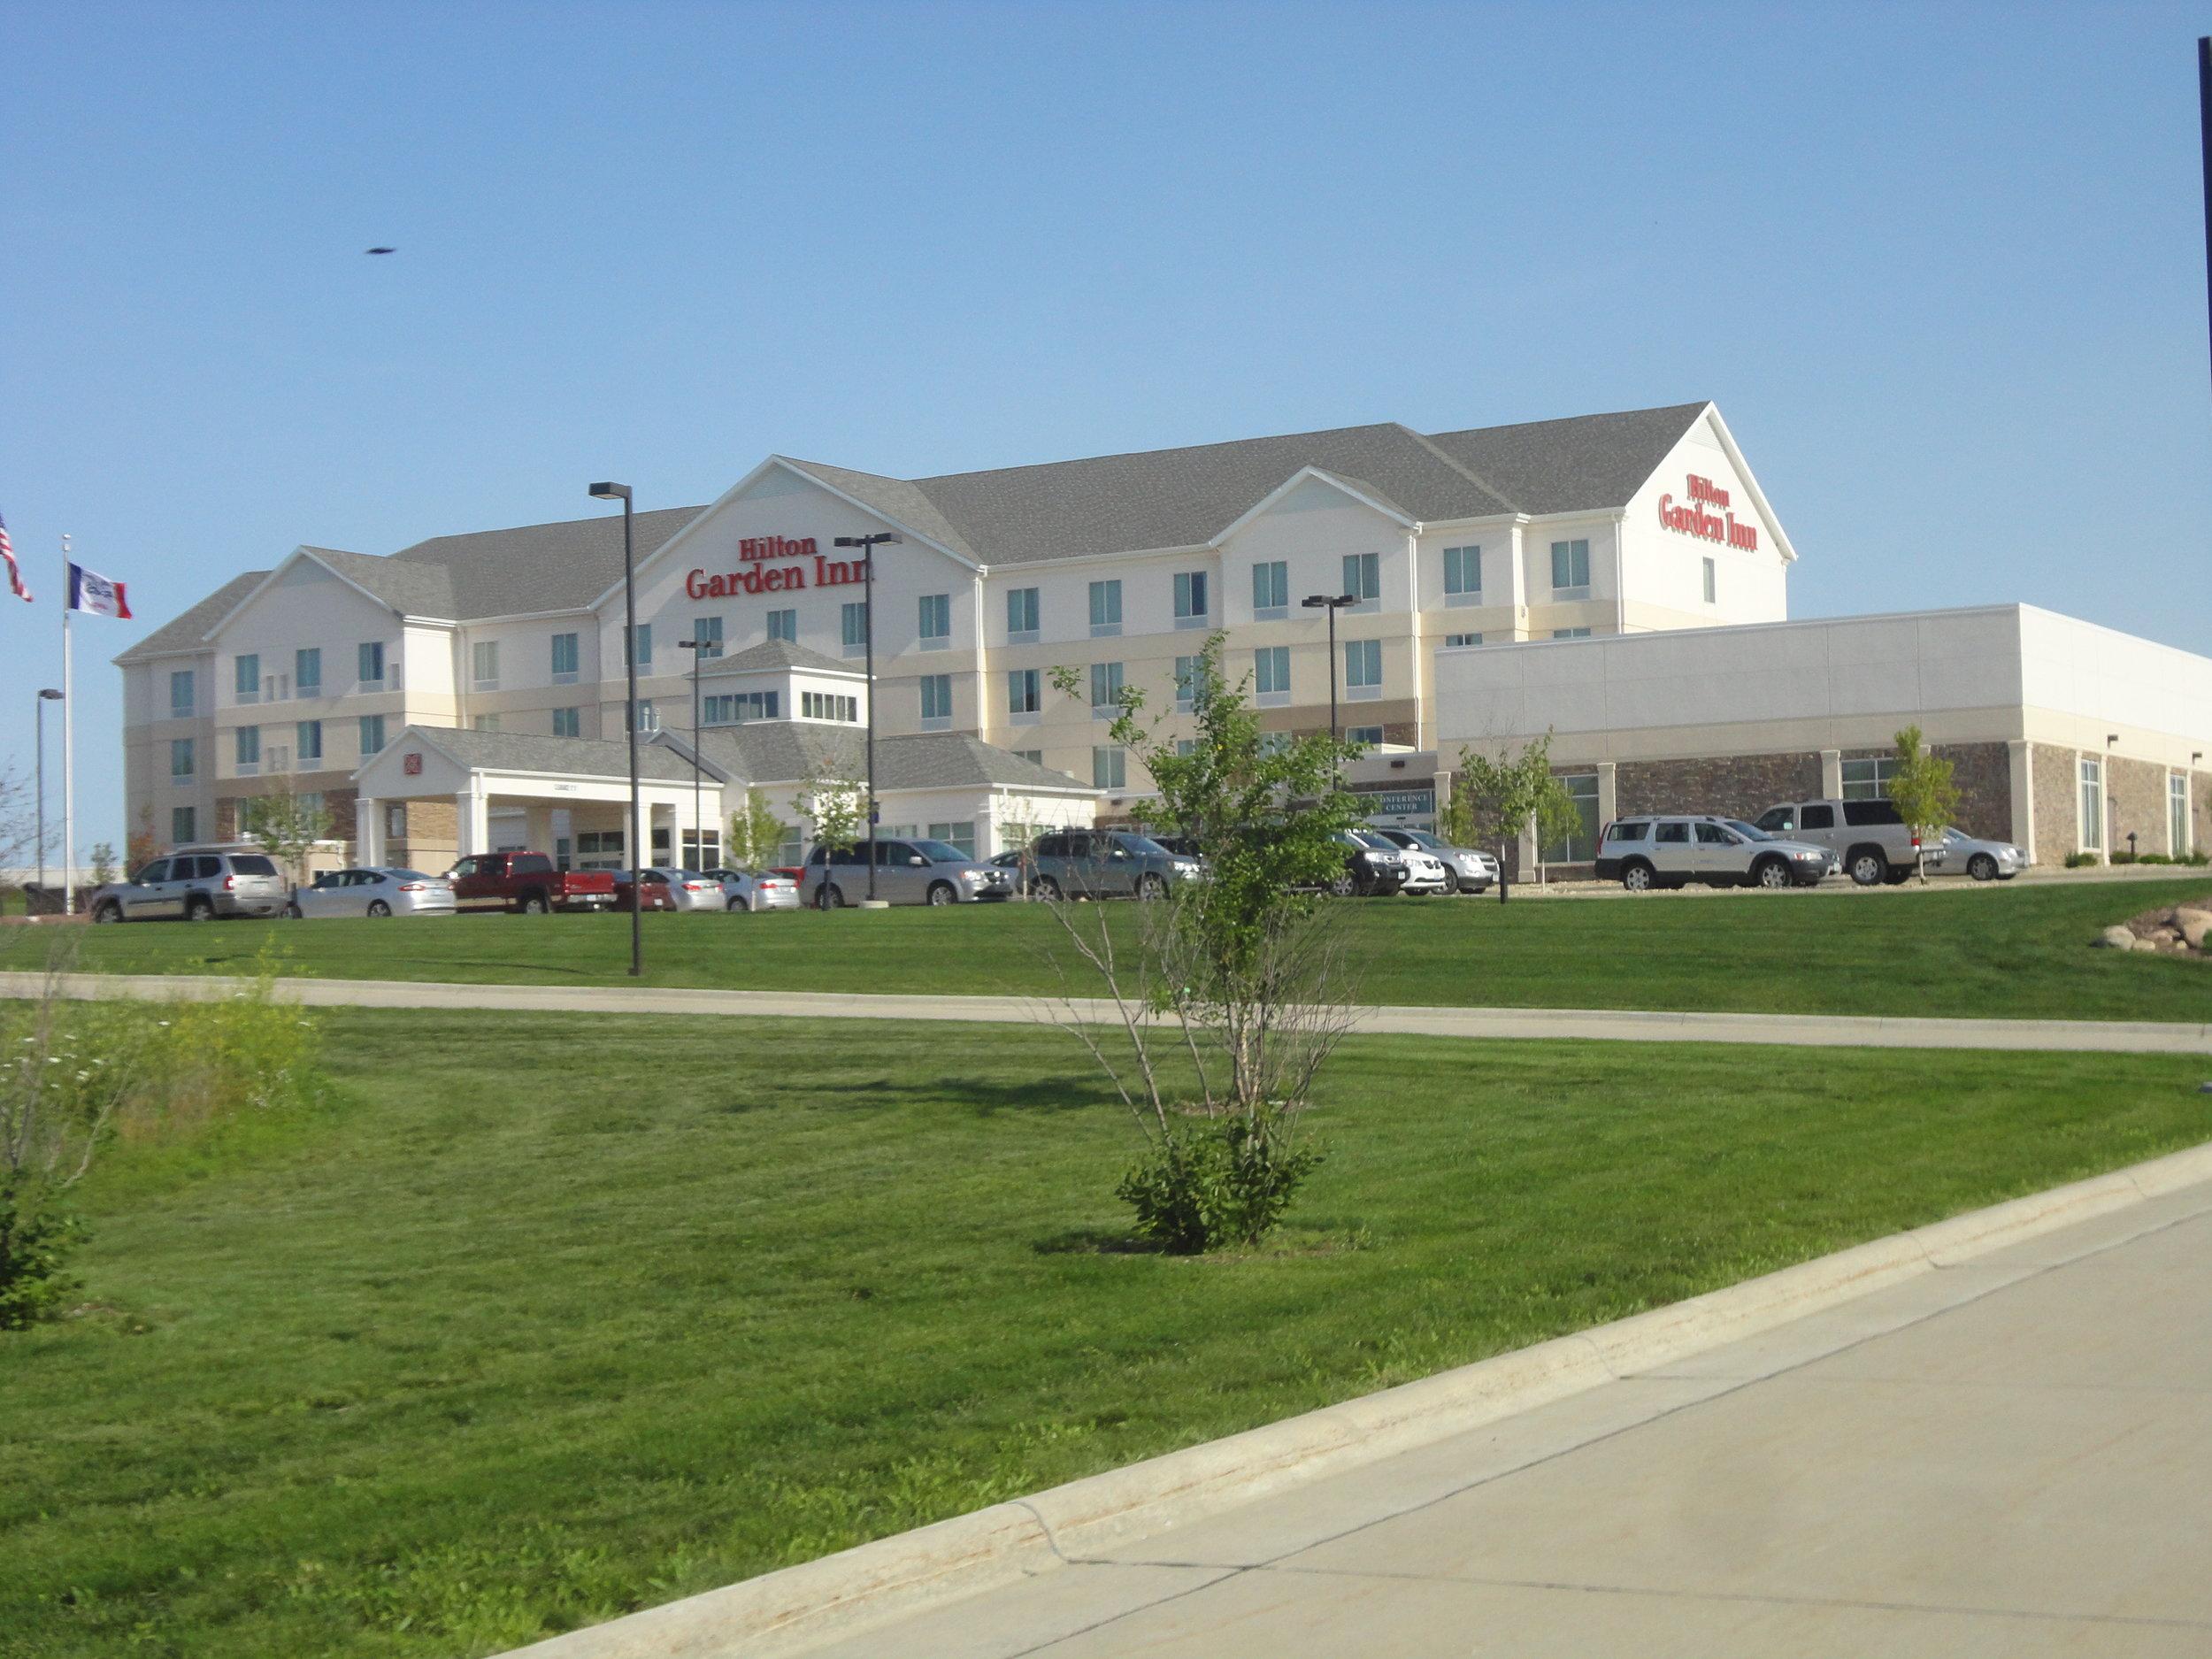 Outside view of the Hilton Garden Inn in Cedar Falls , IA